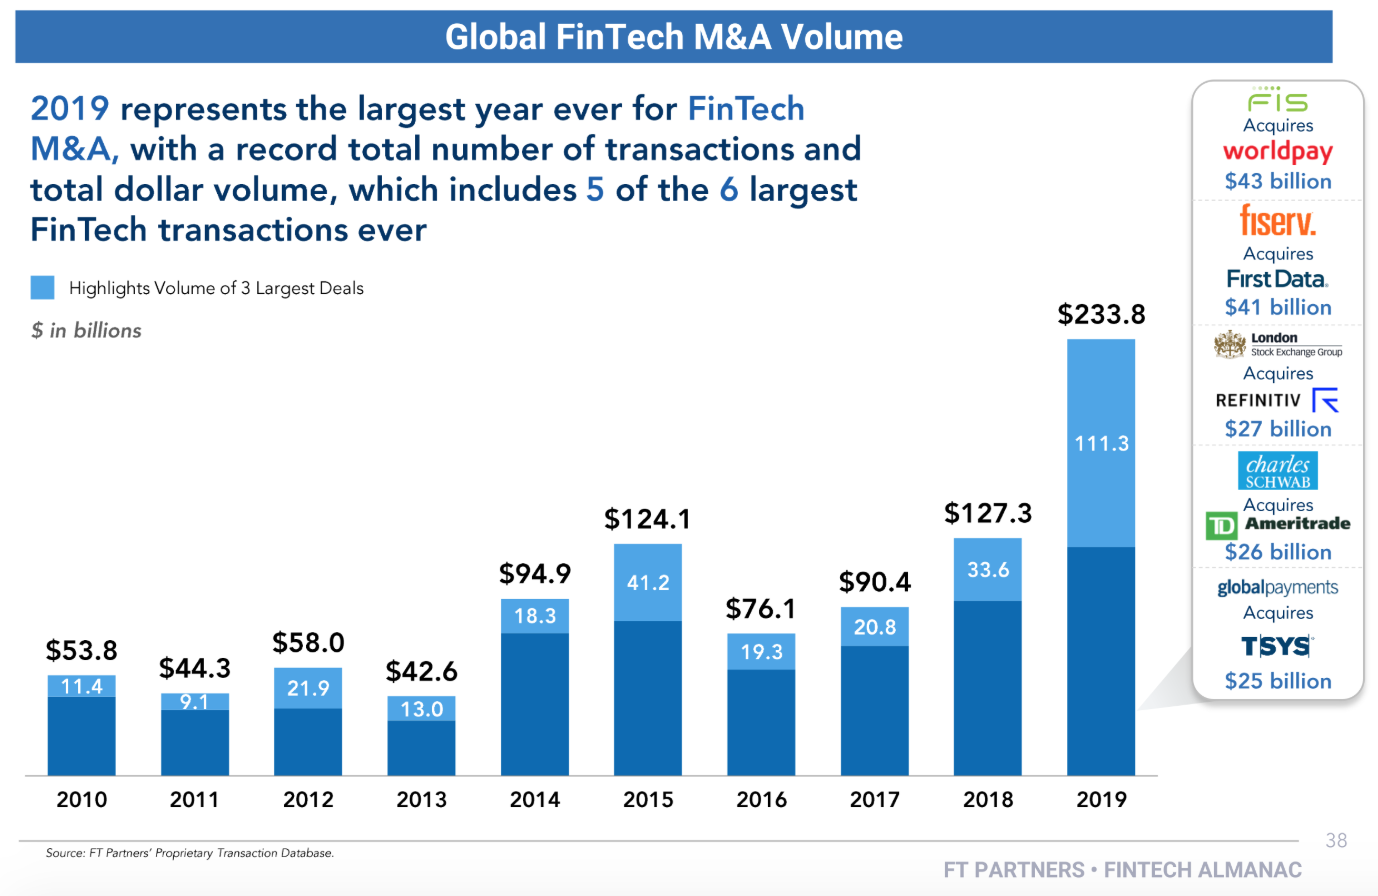 Global Fintech M&A Volume, 2019 Fintech Almanac, Financial Technology Partners, February 2020